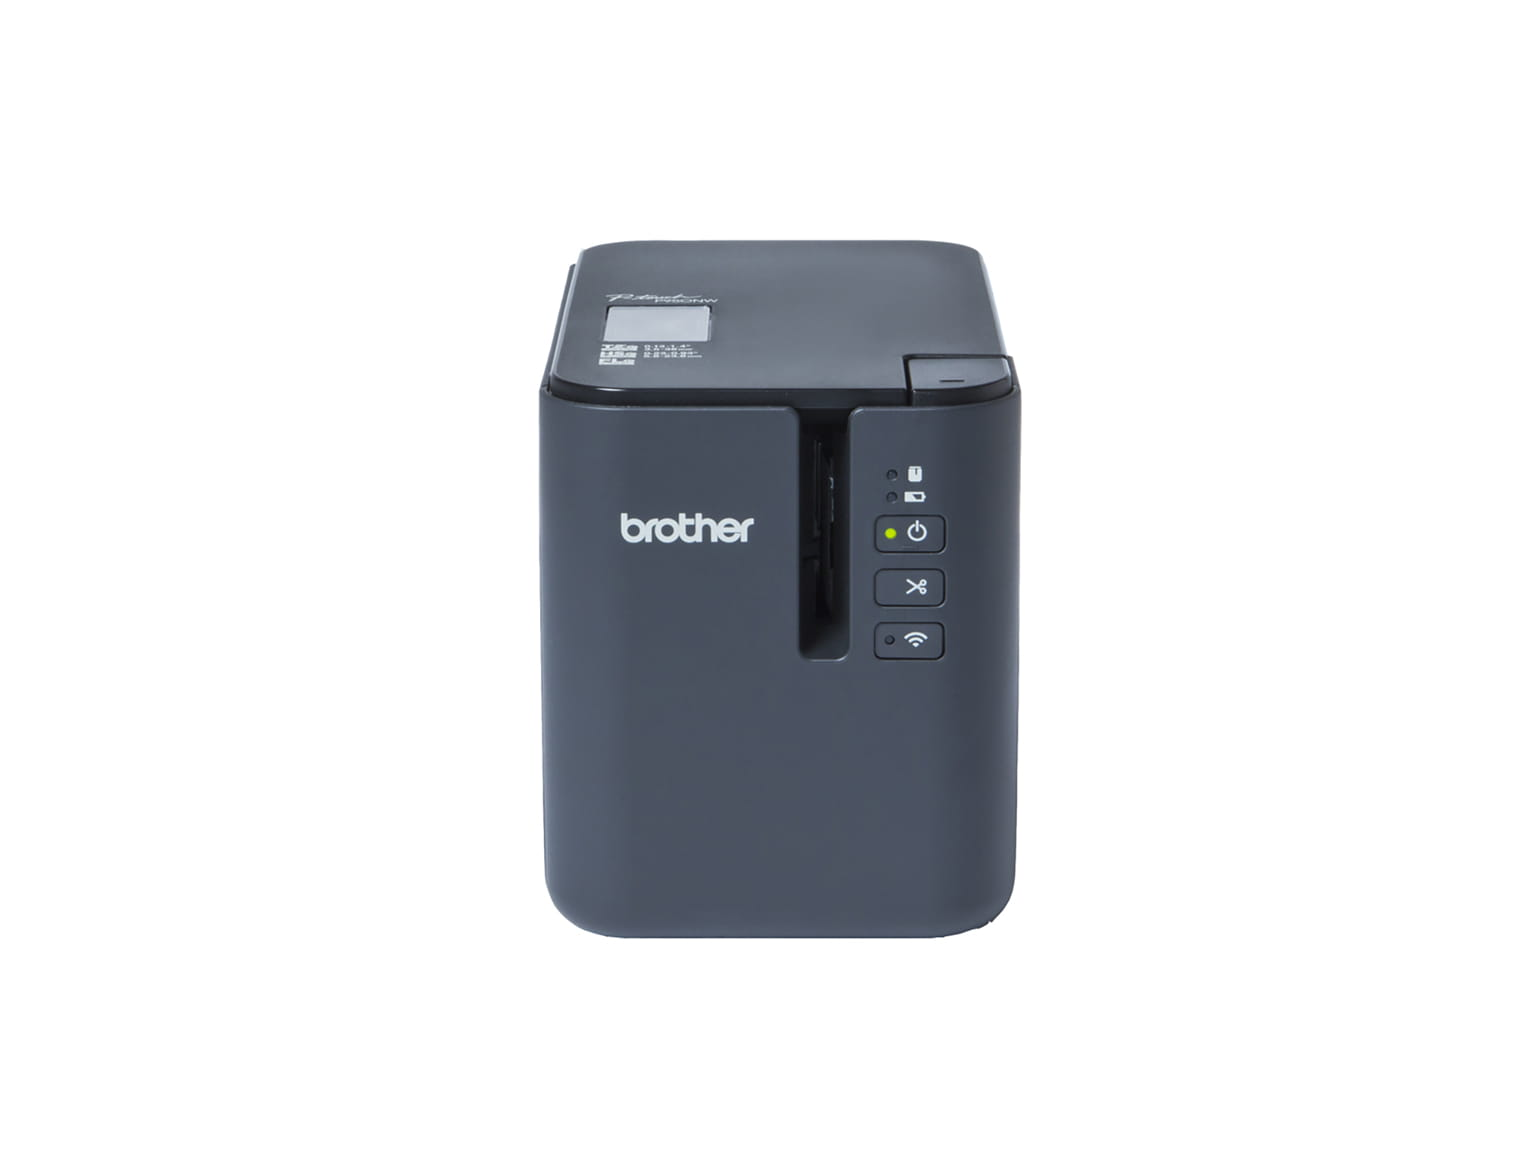 Drukarka etykiet Brother P-touch PT-P950NW z USB, Wi-Fi i siecią przewodową siecią. Drukuje etykiety do 36 mm.